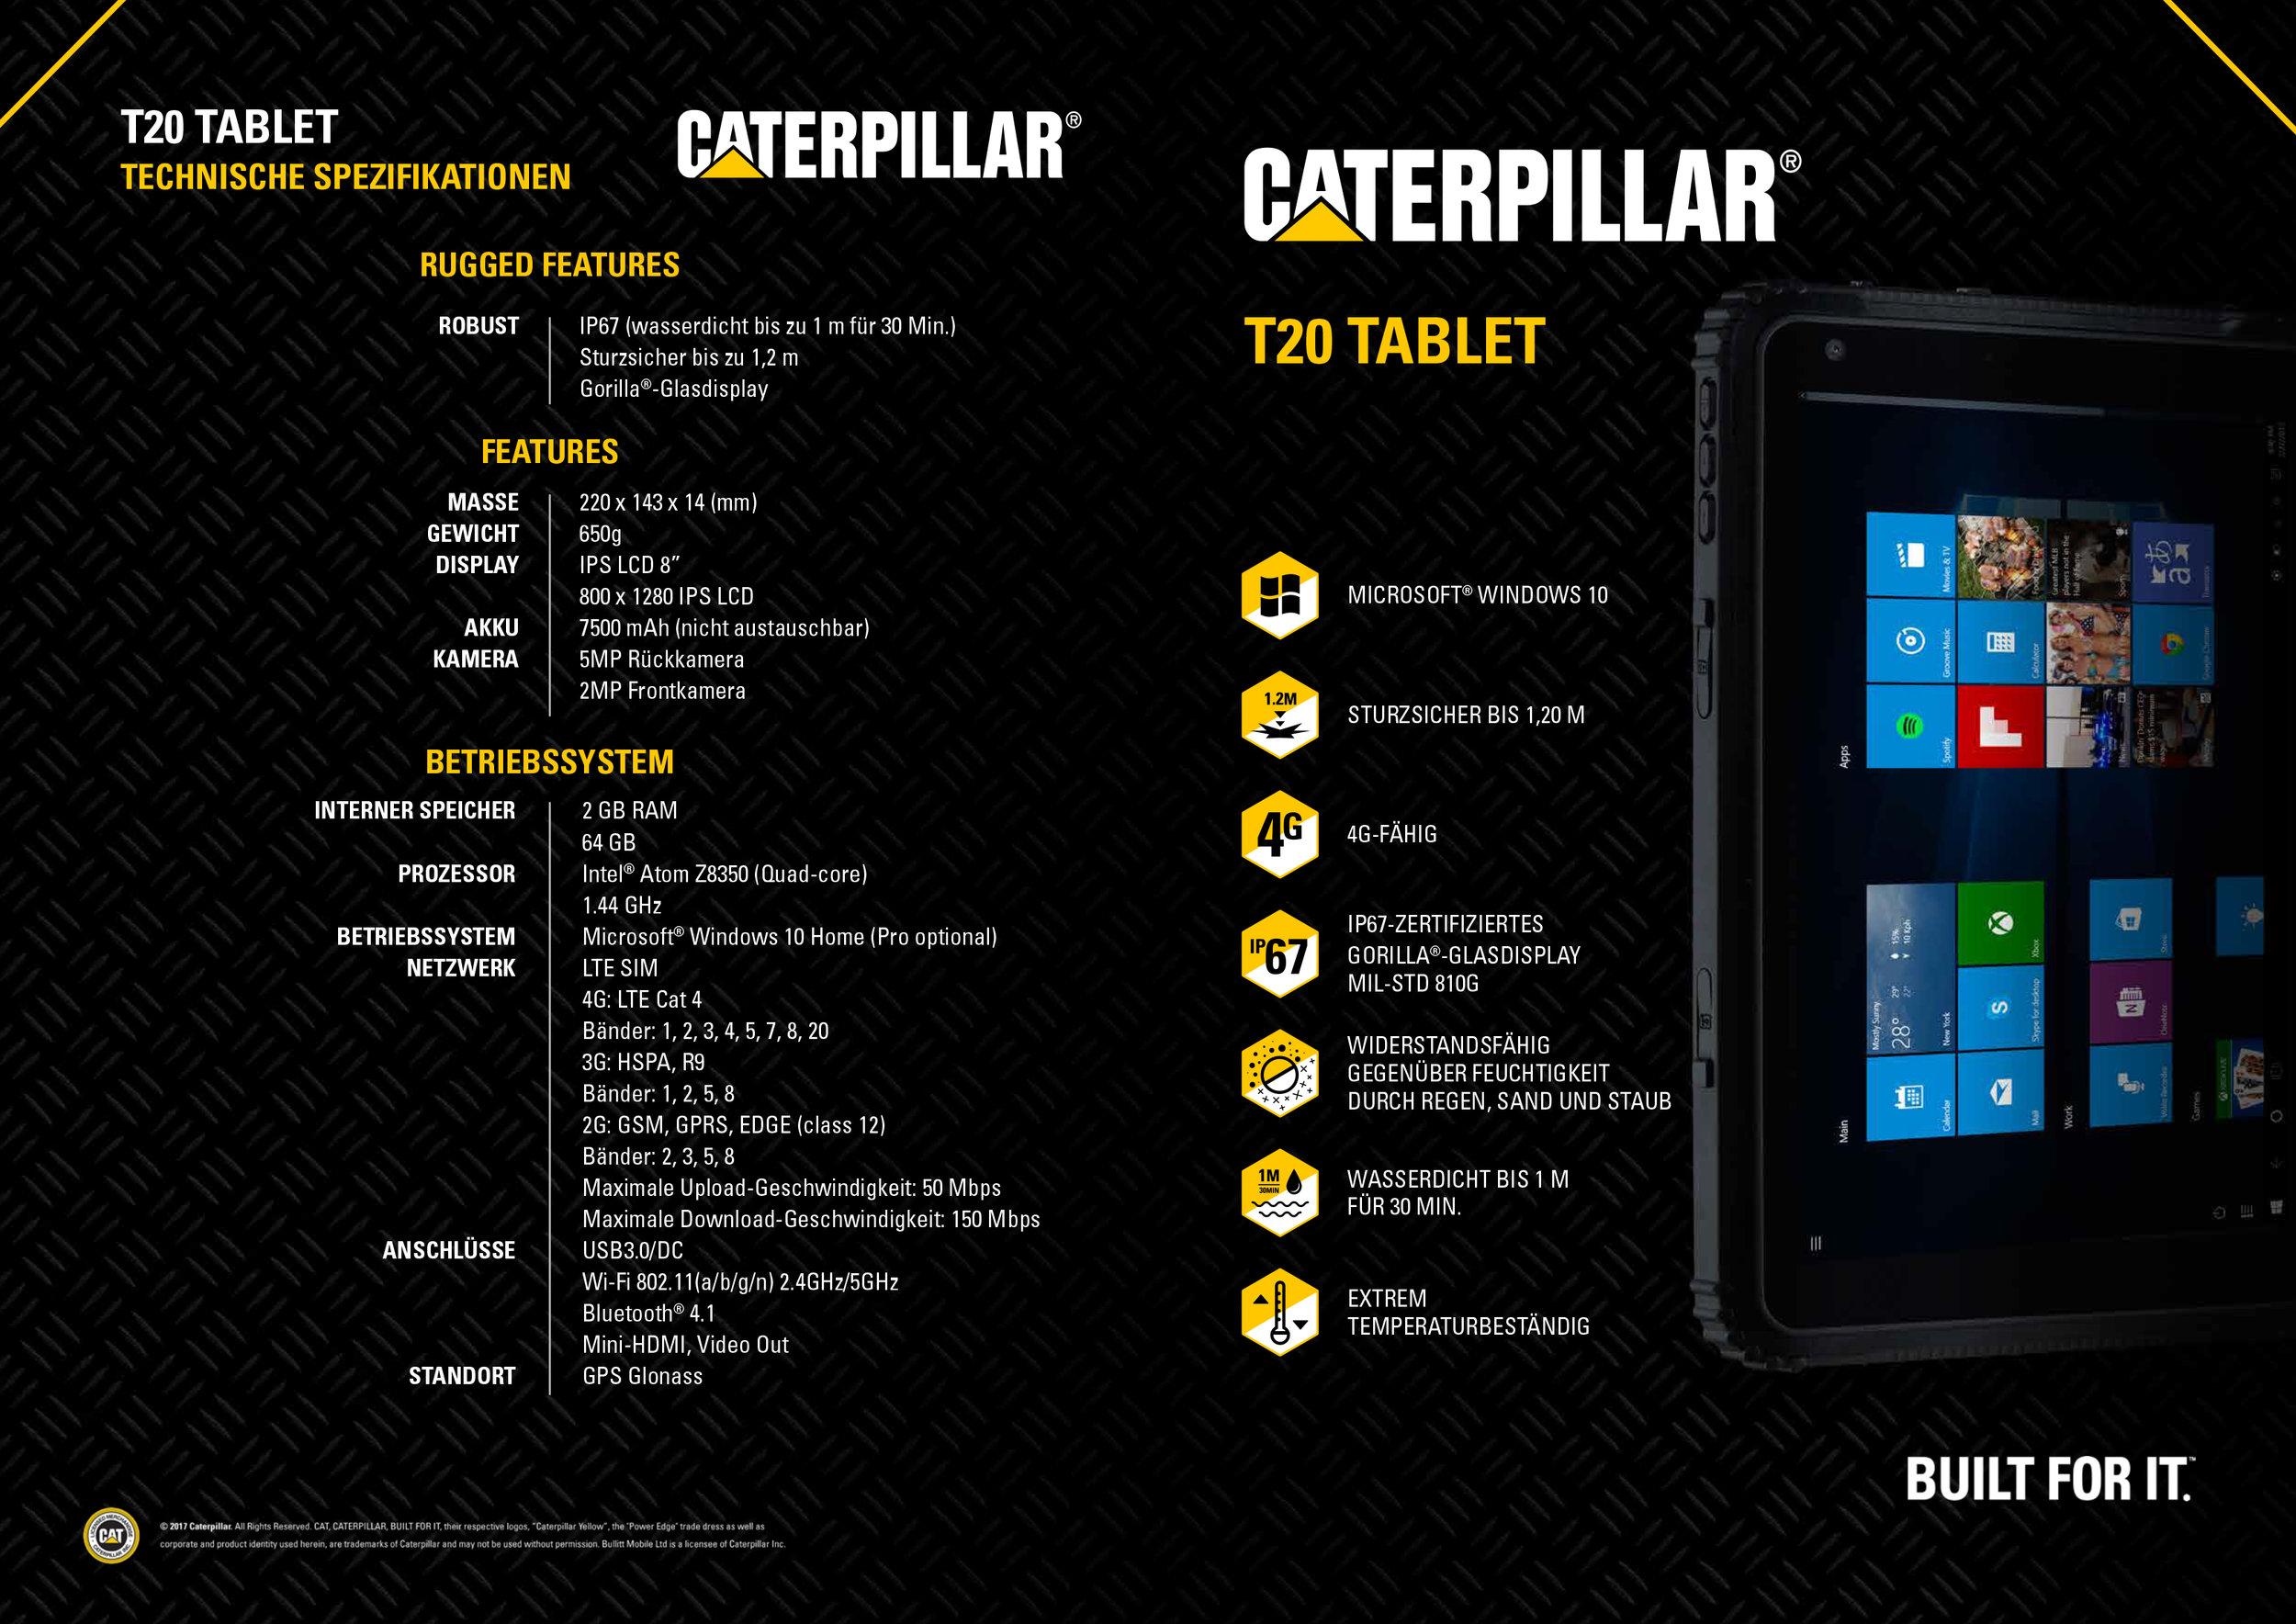 beech catphone caterpillar Datenblatt.jpg